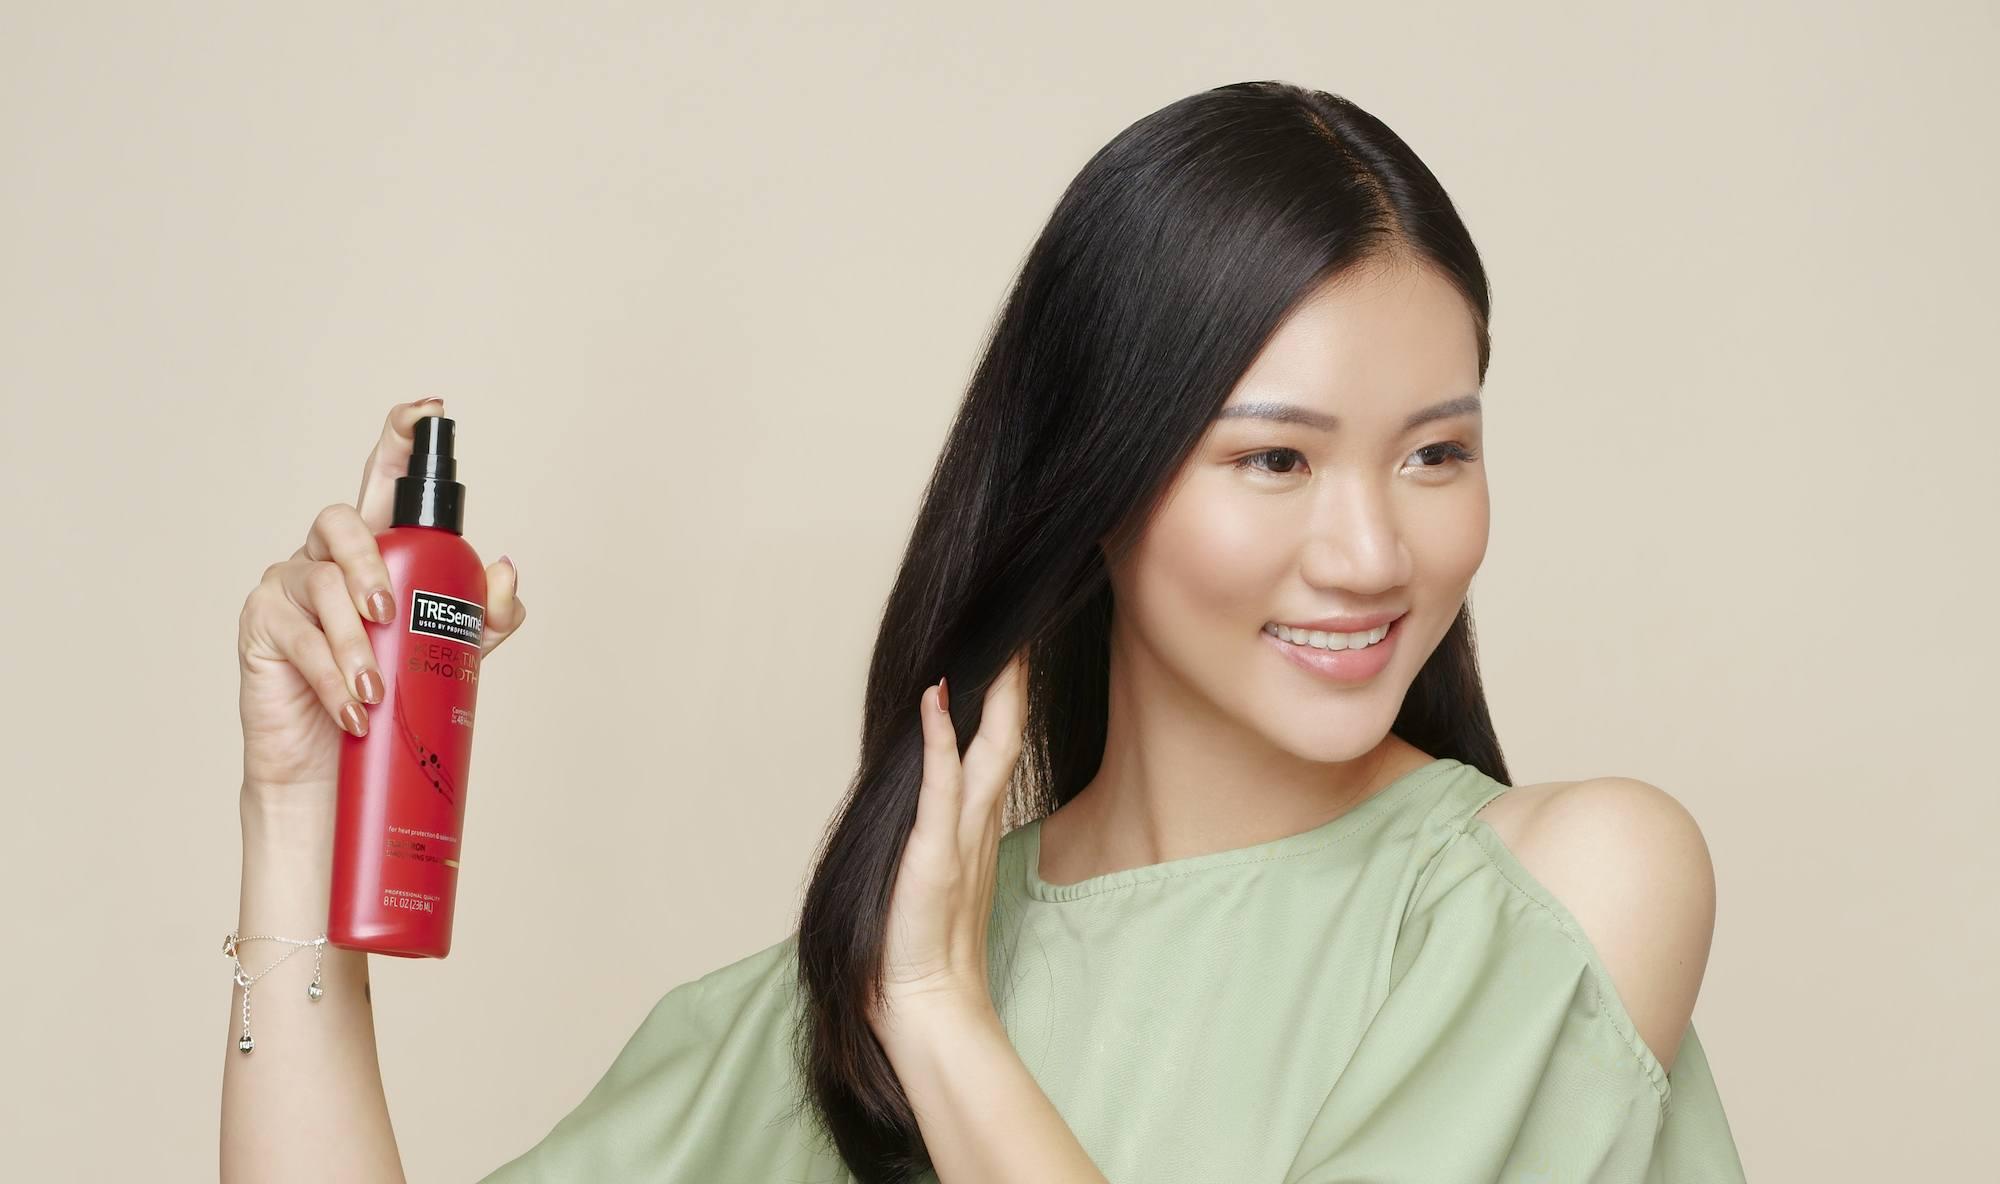 Wanita Indonesia menggunakan spray rambut